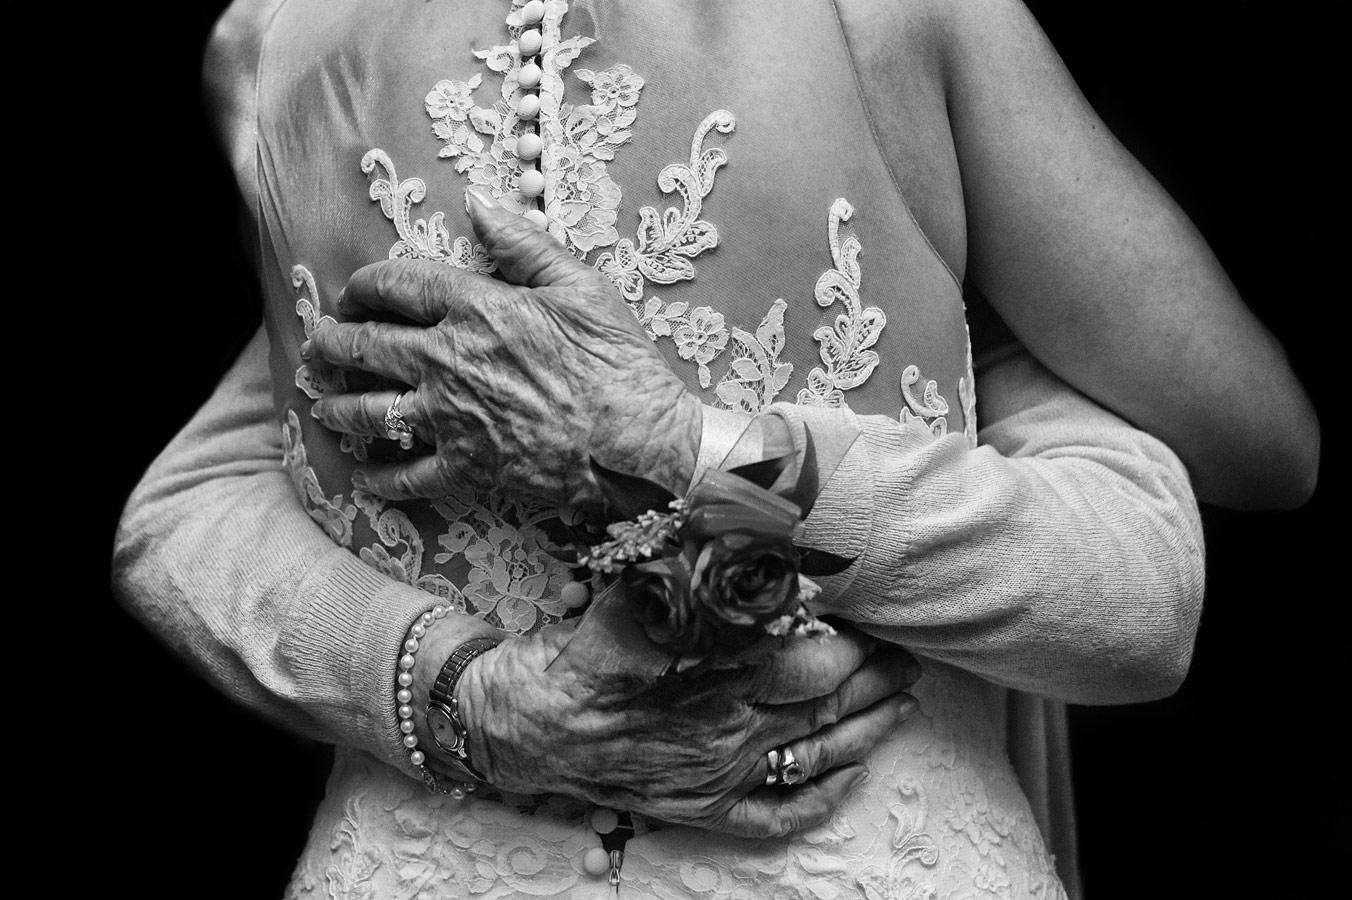 Тара Сейлен, США / Tara Theilen, US, 1-е место в категории «Свадебная встреча», Конкурс свадебной фотографии Rangefinder